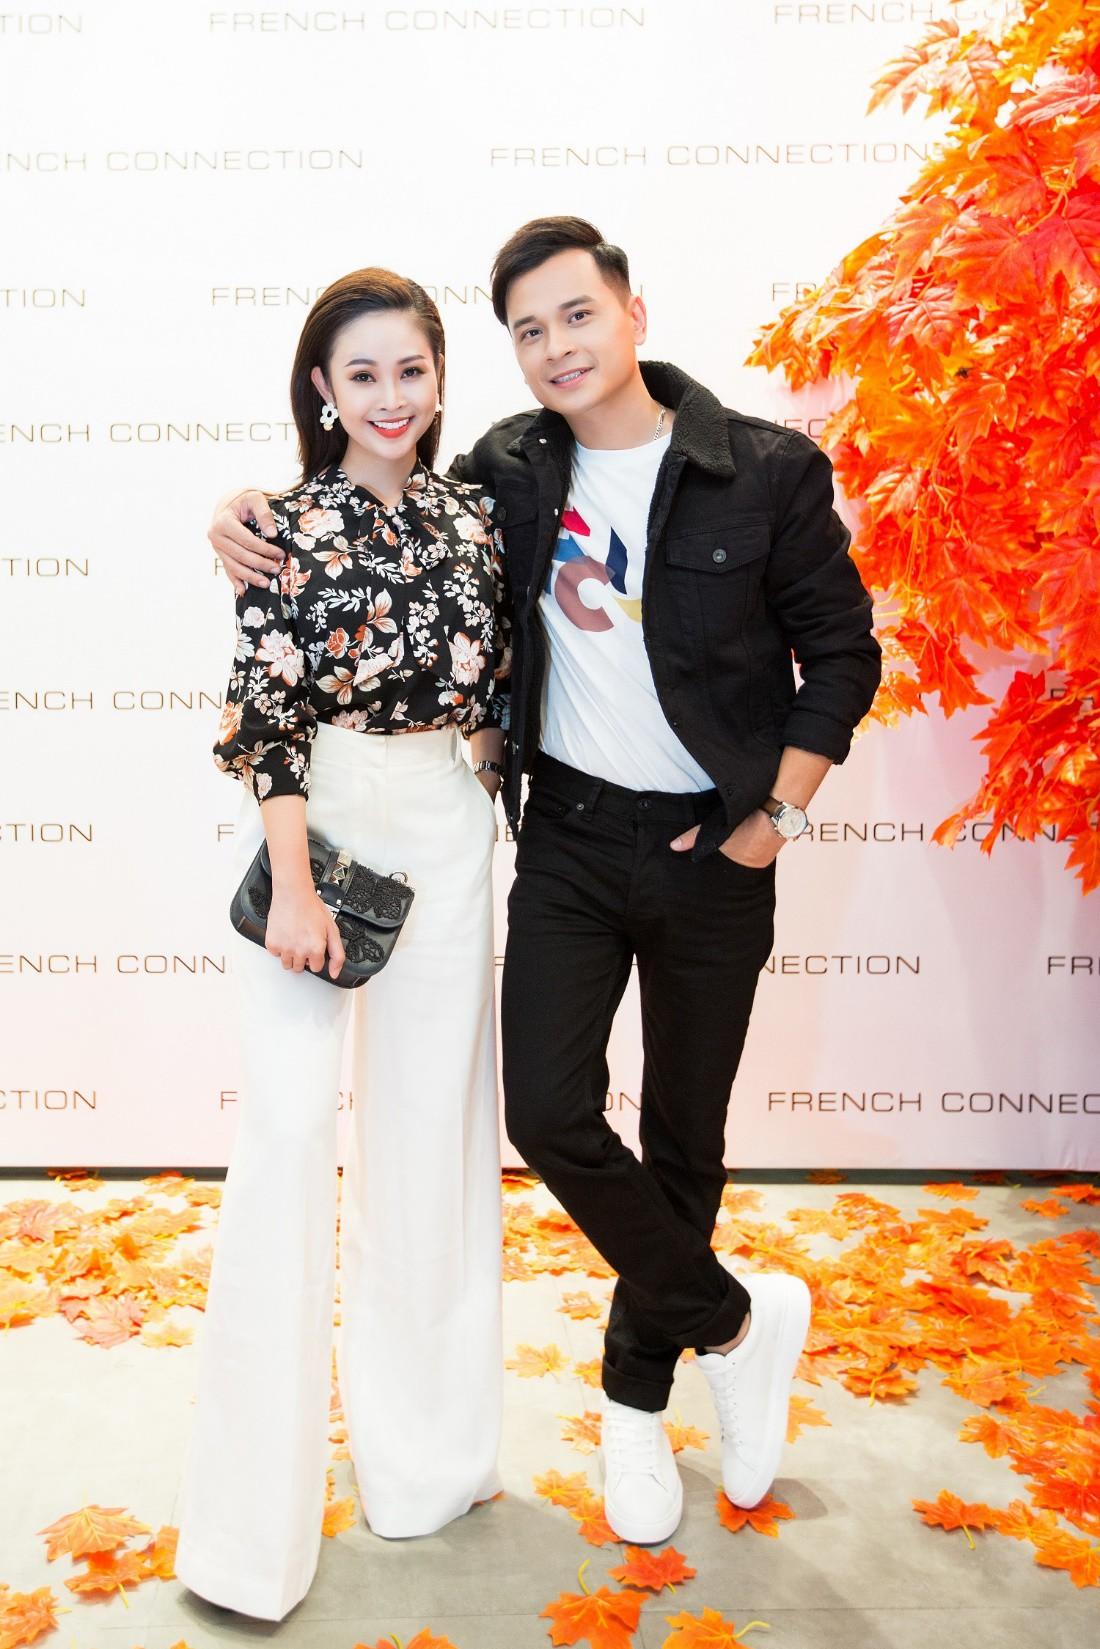 Á hậu Tú Anh ngẫu hứng phối đồ phong cách cho diễn viên Lương Thanh ngay tại sự kiện thời trang - Ảnh 6.